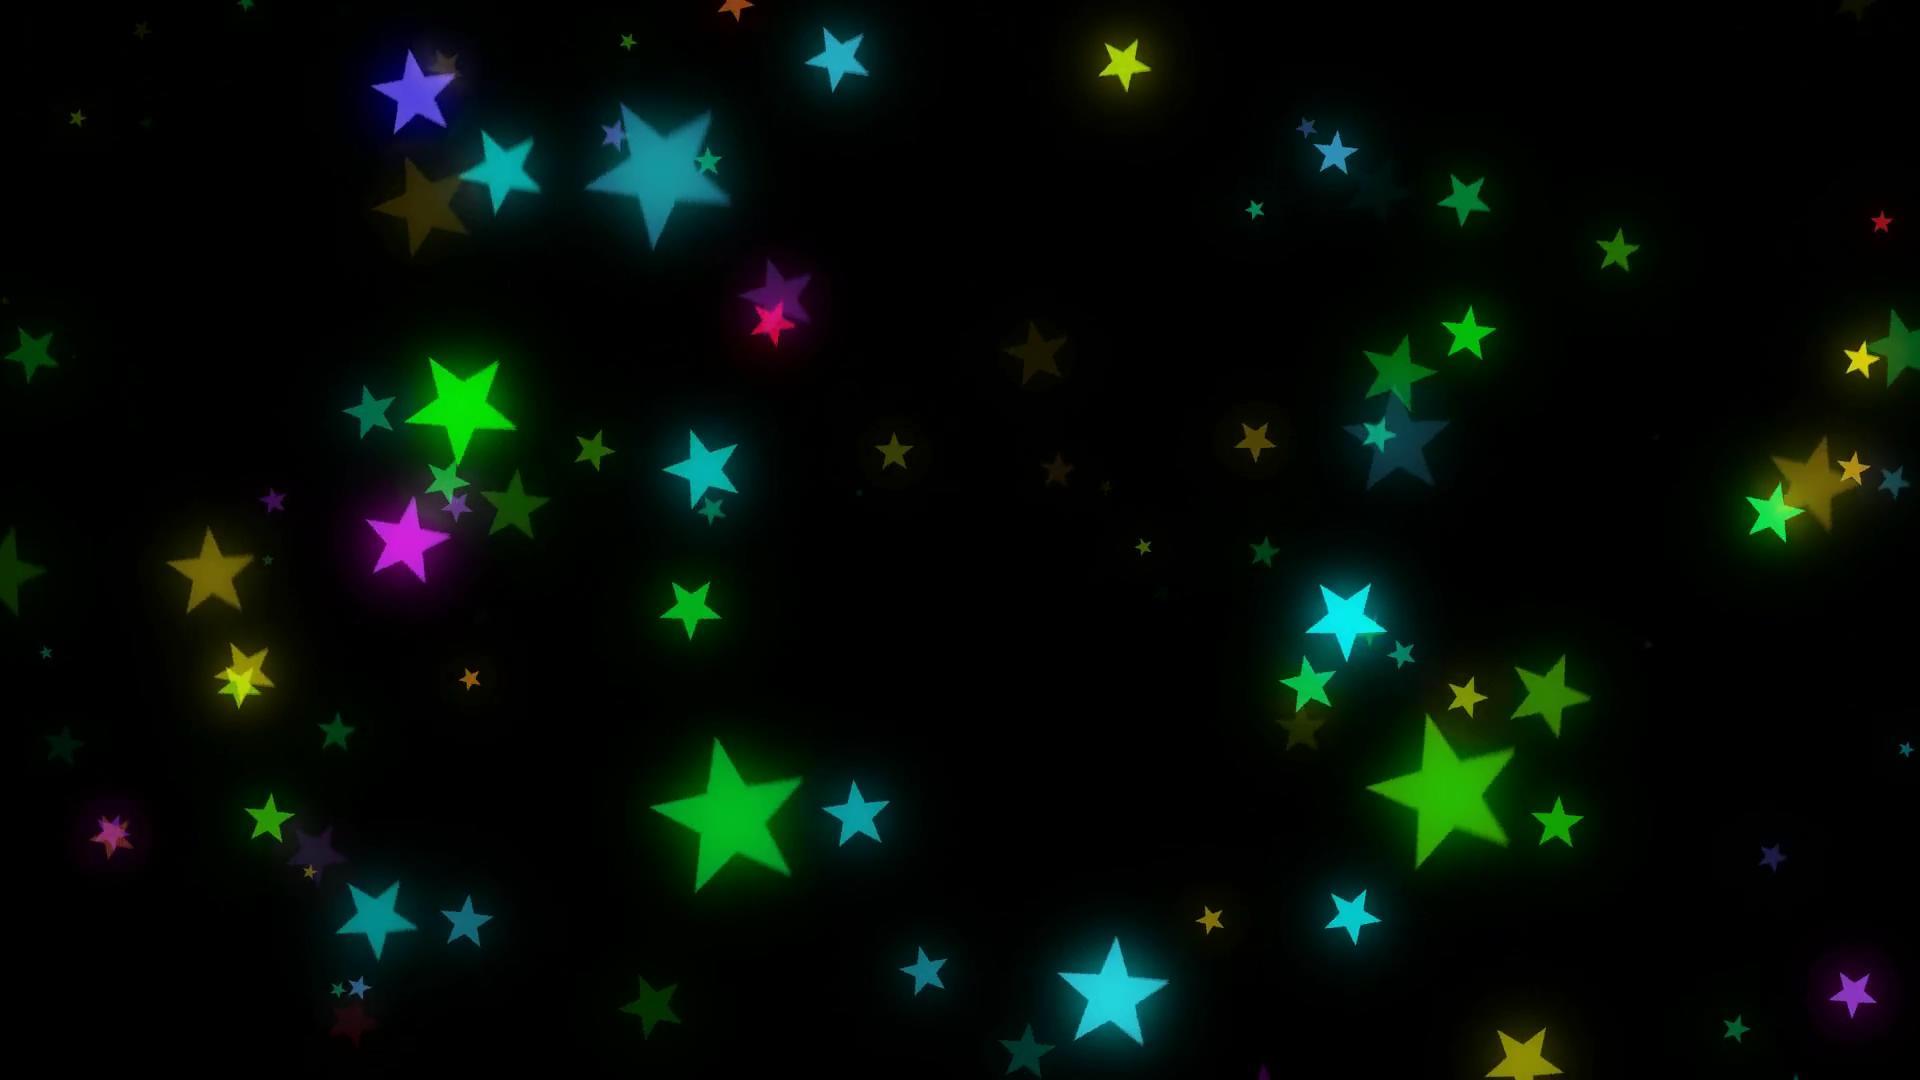 五角星粒子